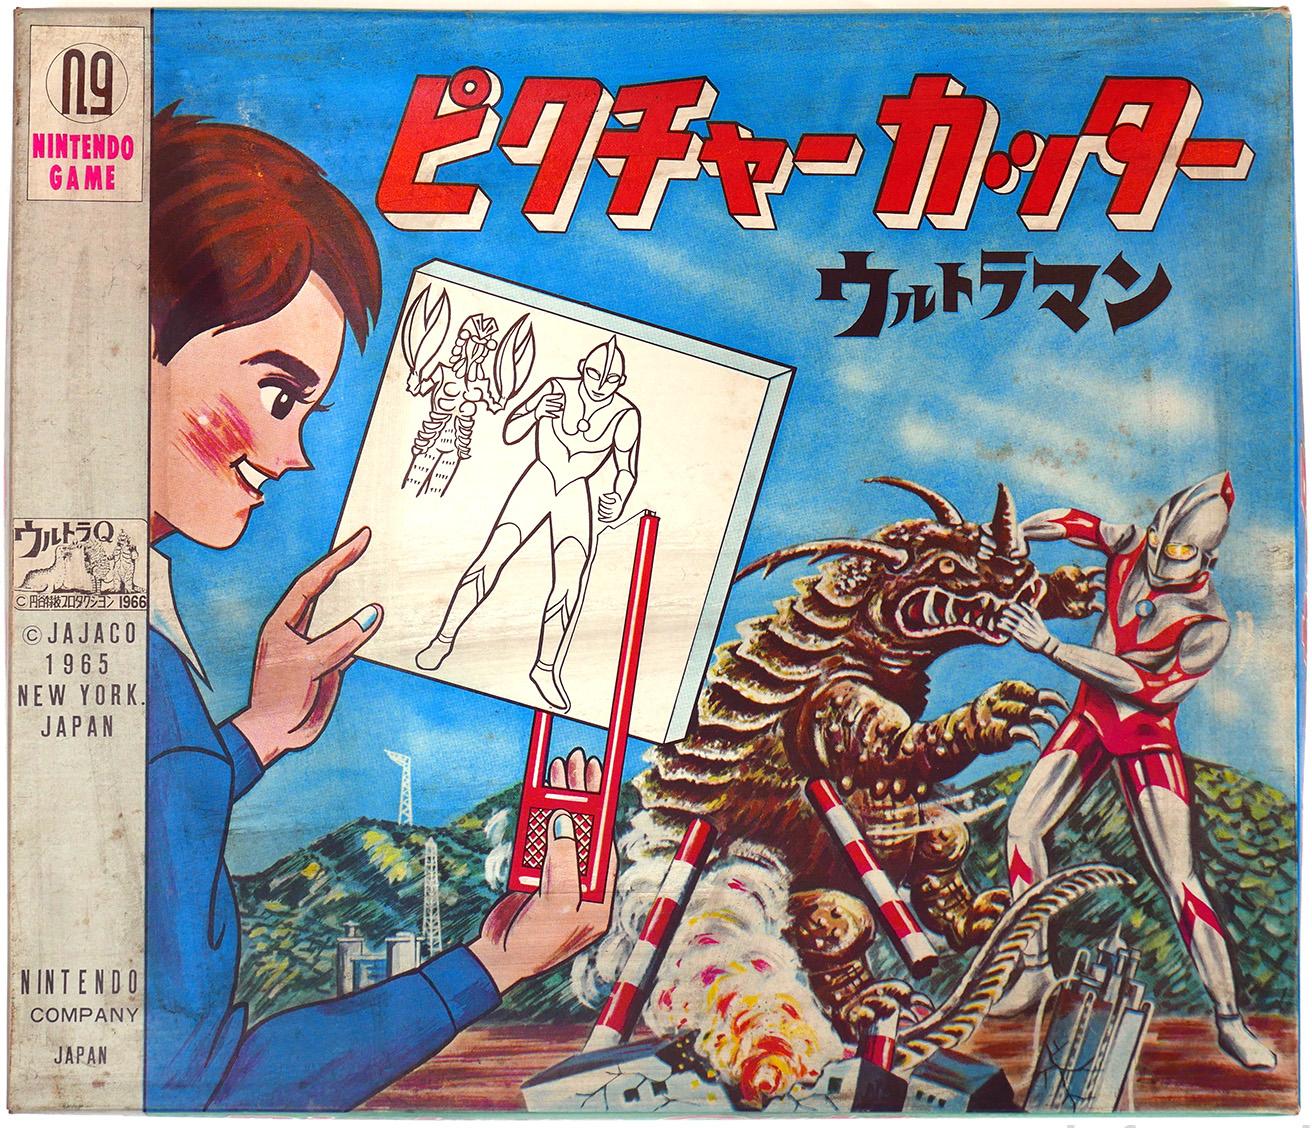 'Picture Cutter Ultraman'